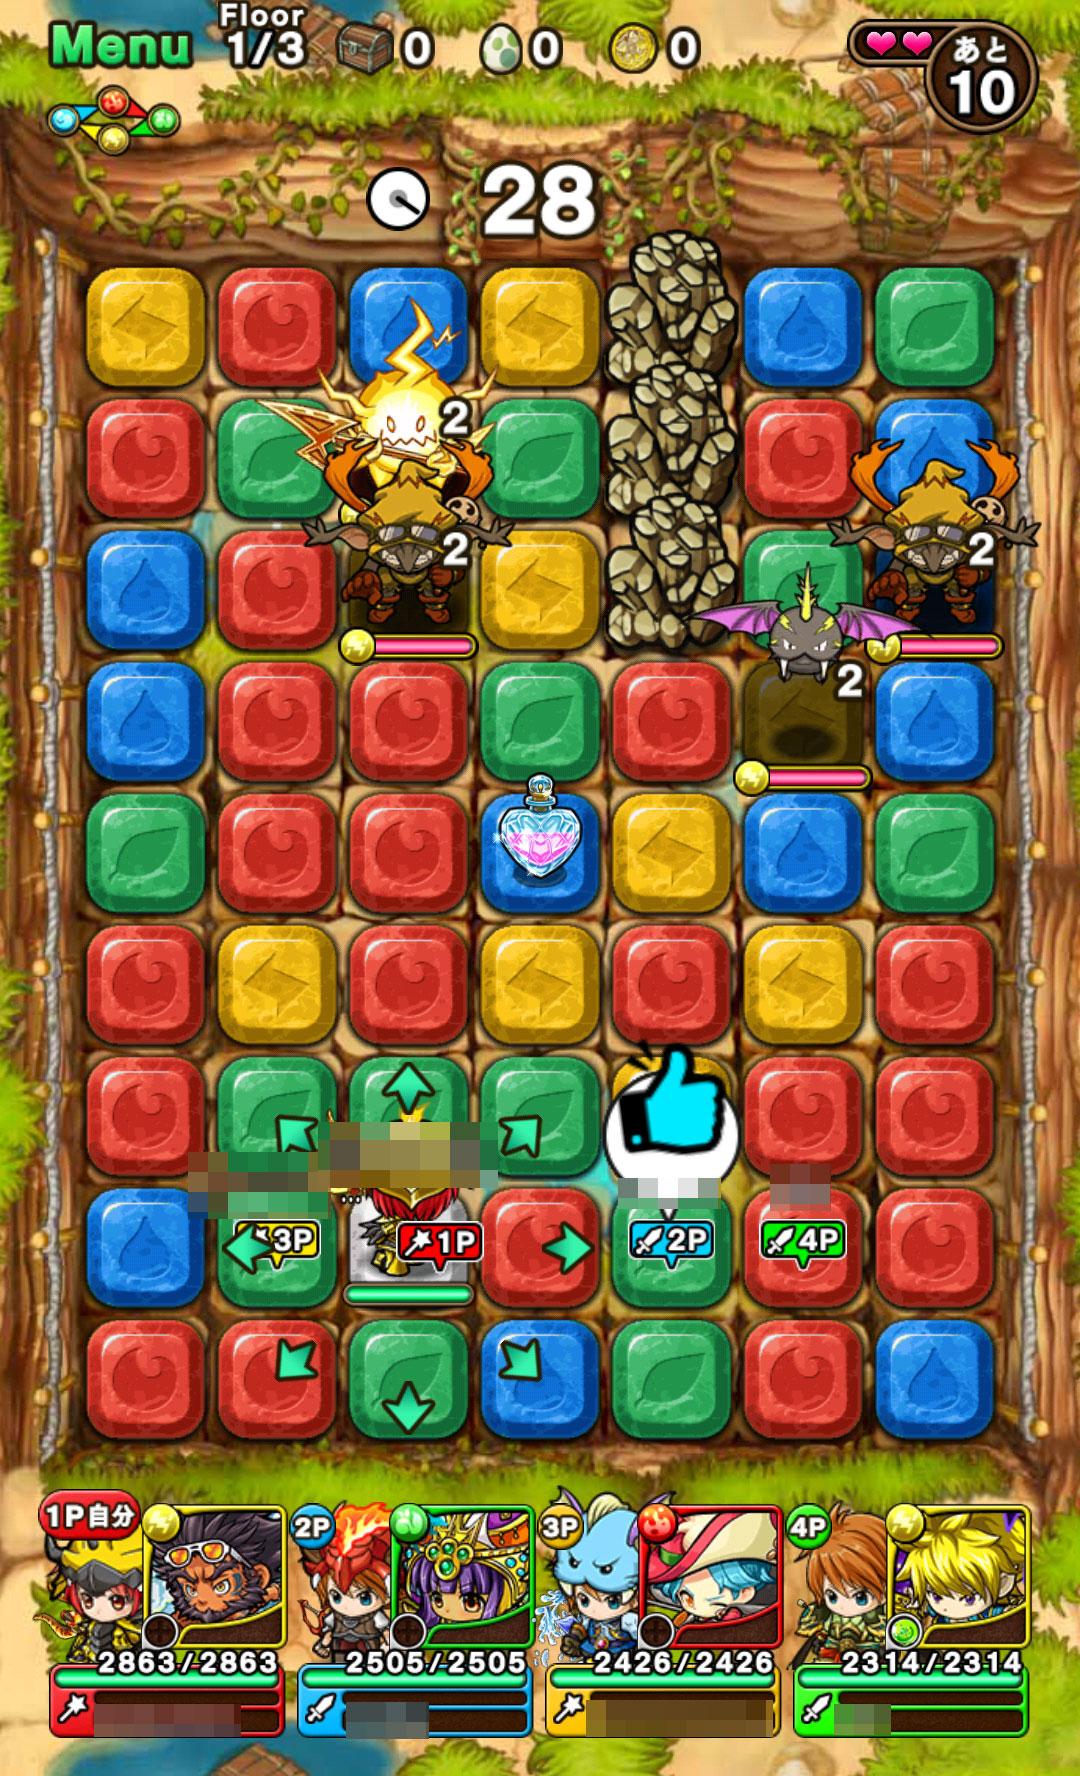 ポコロンダンジョンズ(ポコダン) 『共闘』システムで他のプレイヤーと一緒にダンジョン攻略